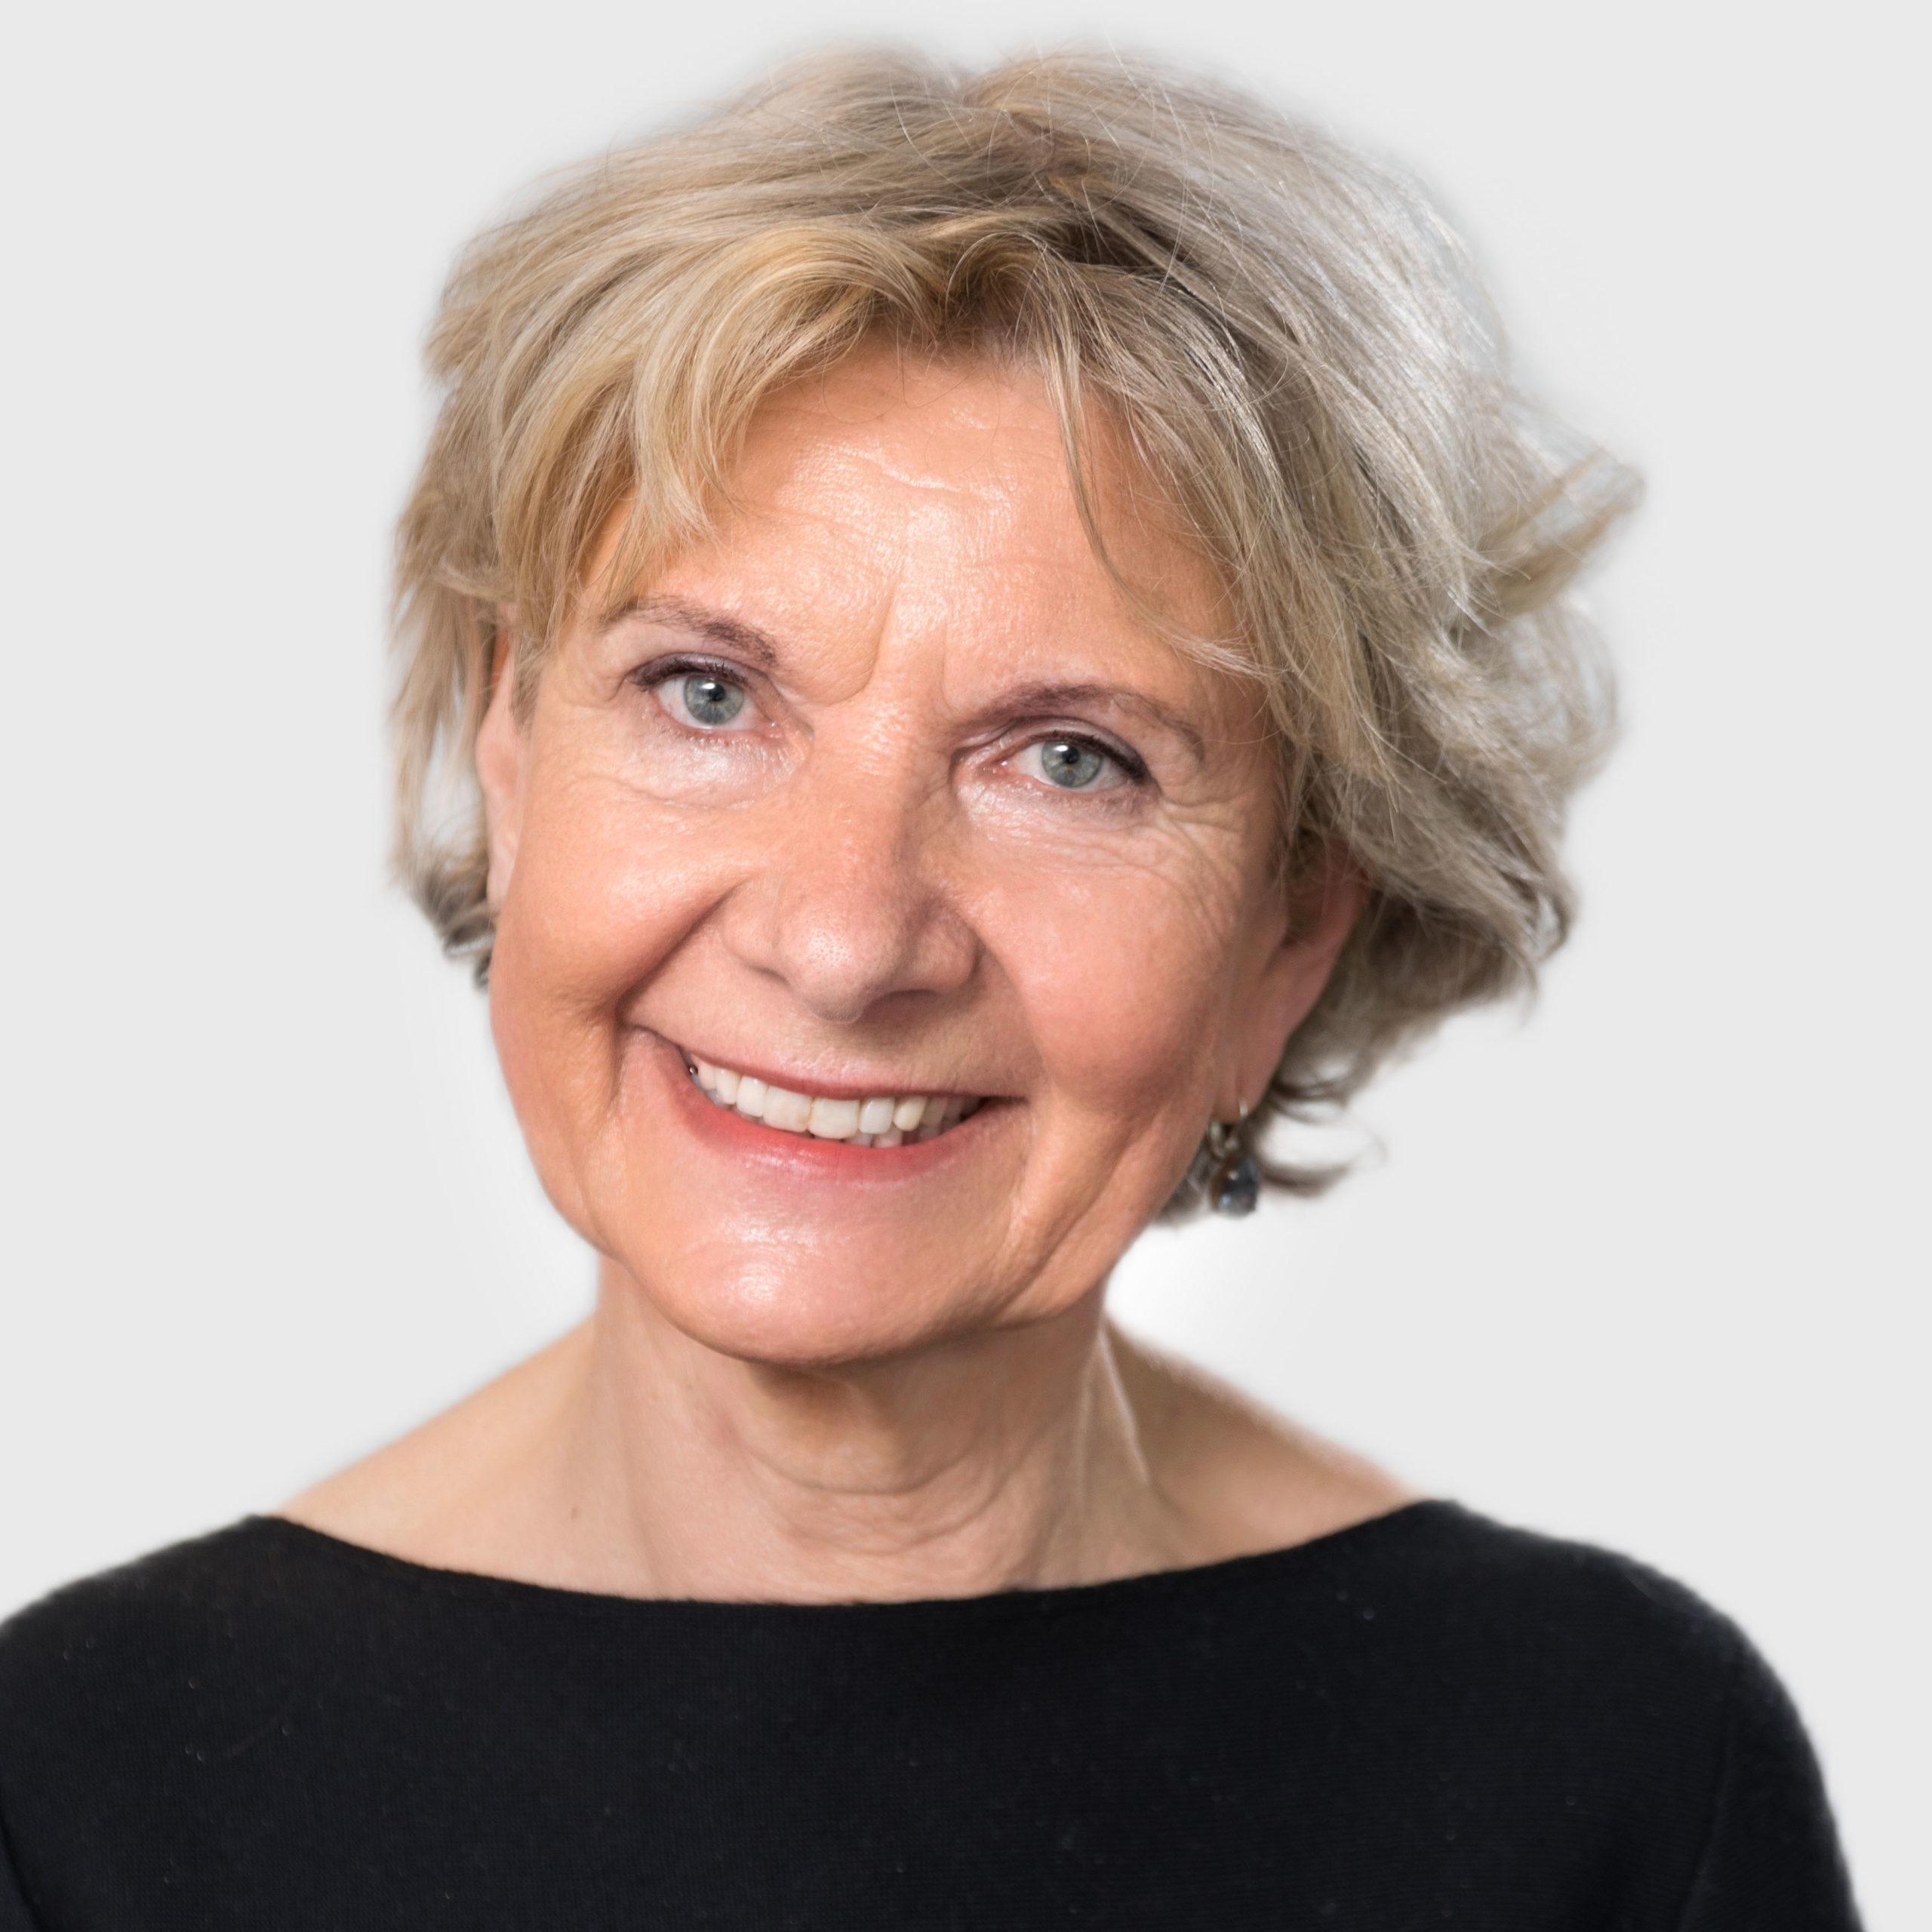 Marie-José Schmit Jongbloed Prodeba klachtencommissie